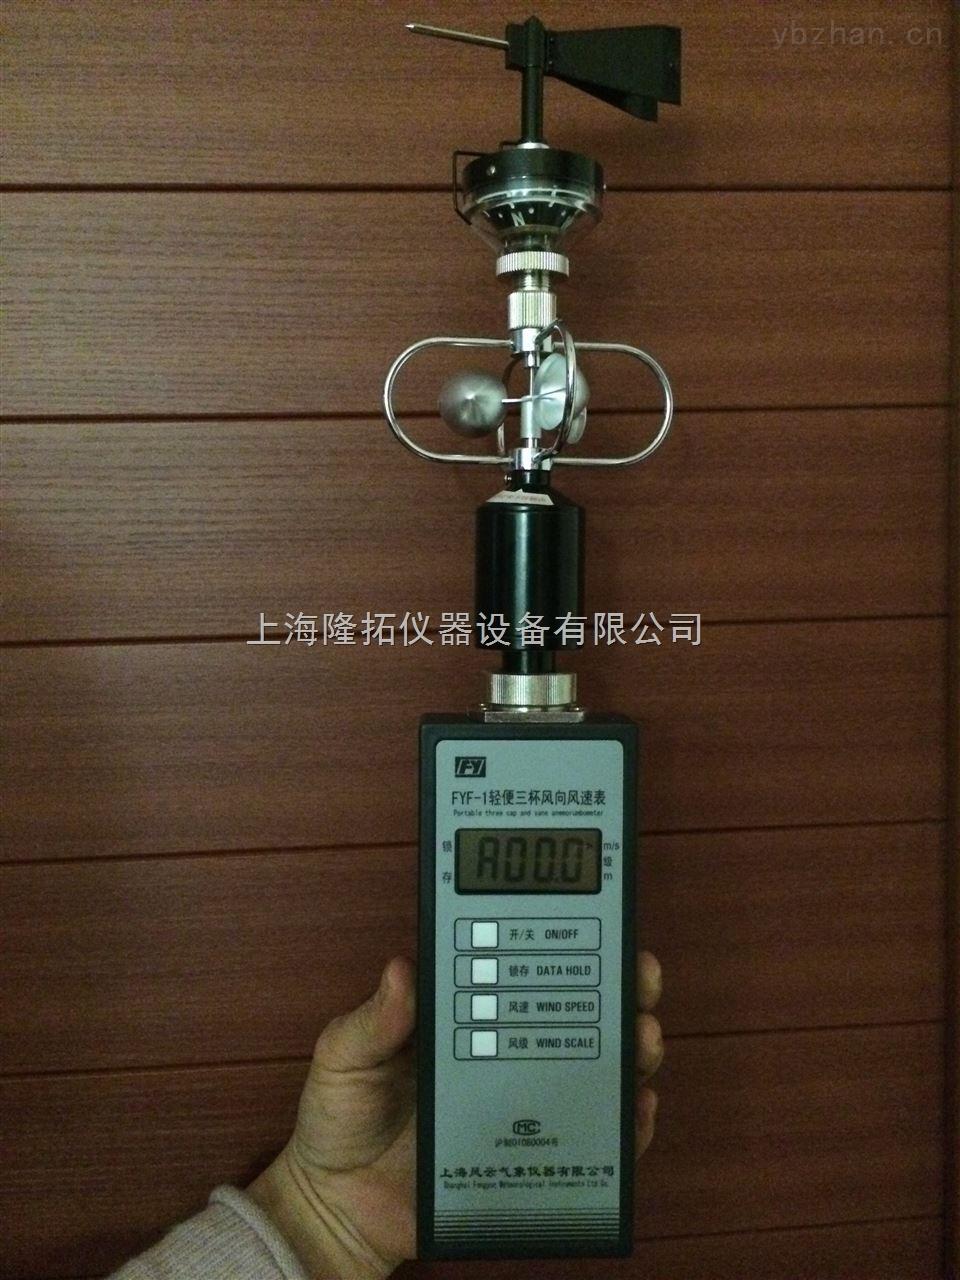 FYF-1便携式三杯风速仪【金属铝杯】